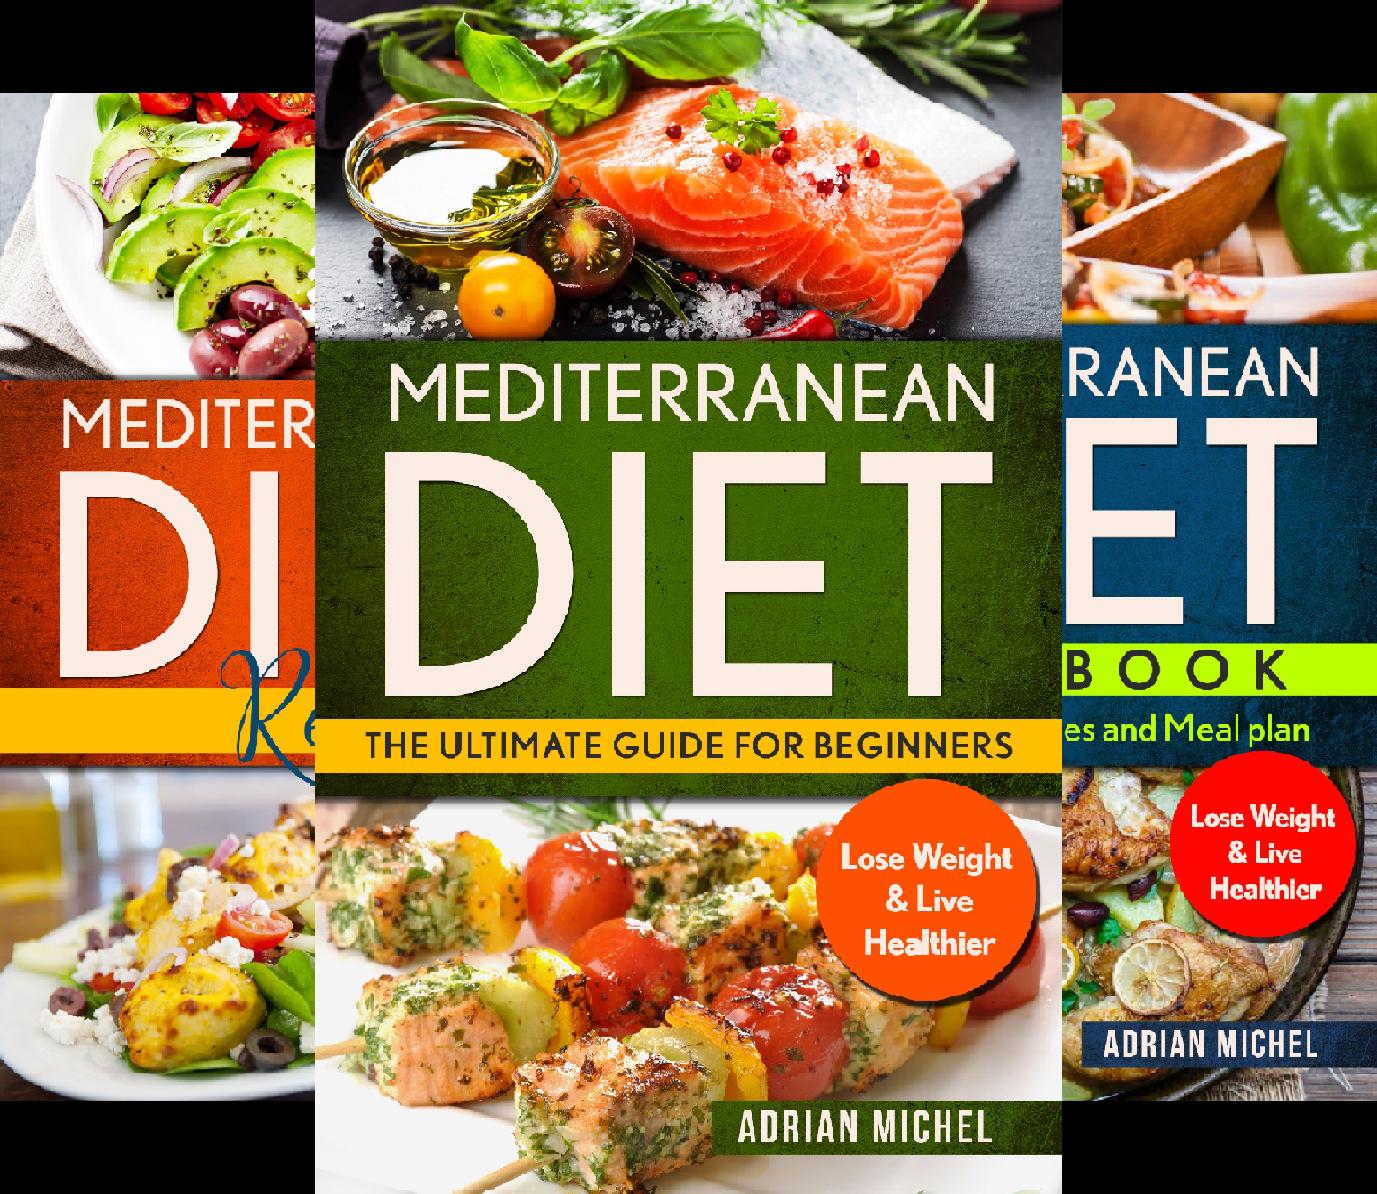 Mediterranean Diet (3 Book Series)